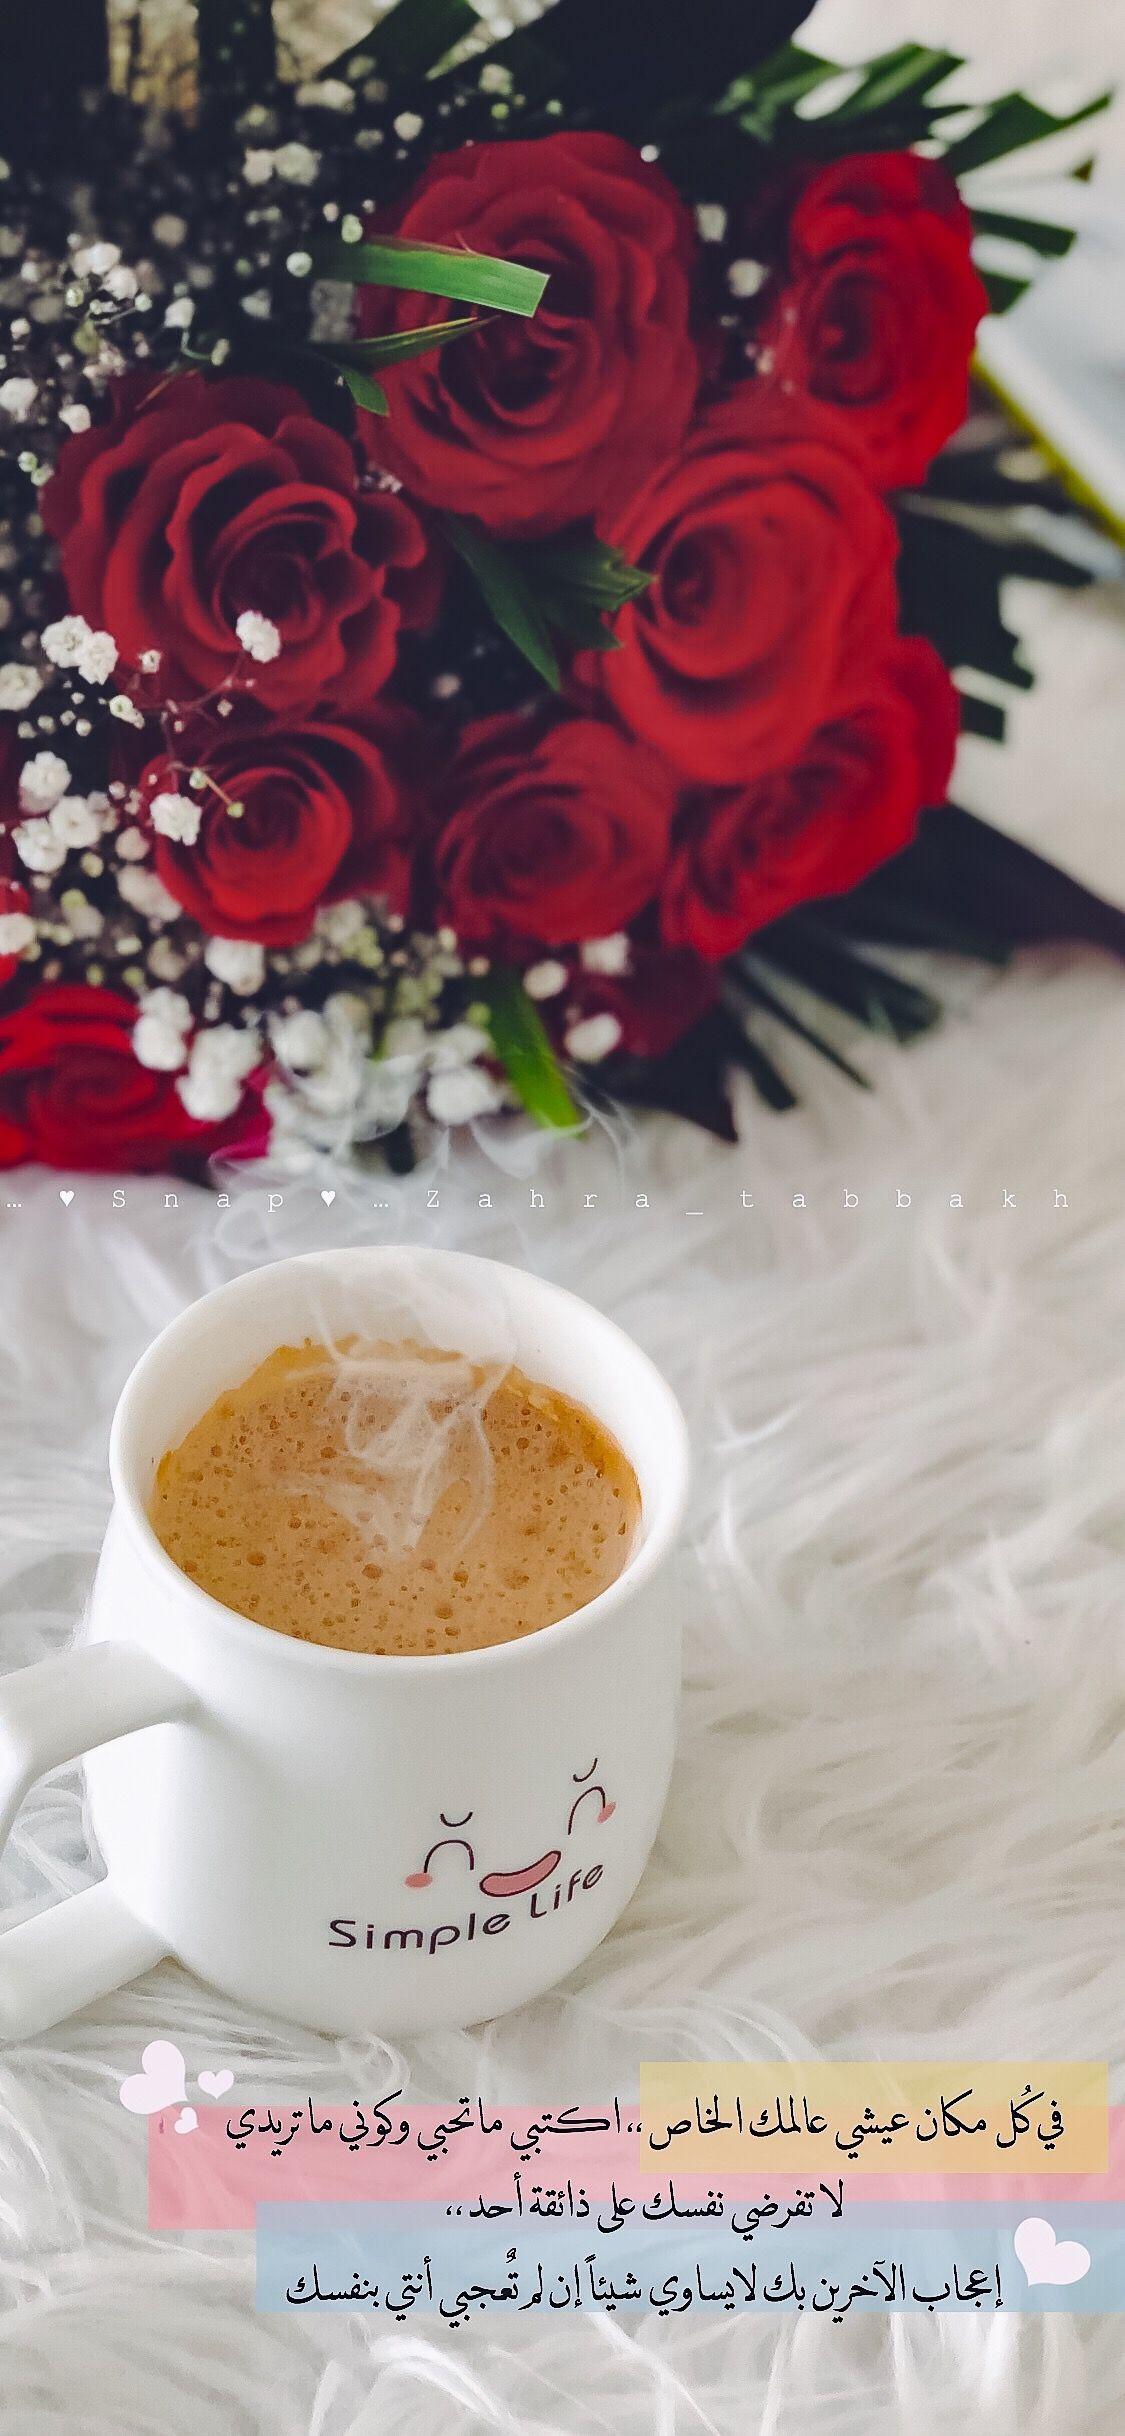 اقتباسات خواطر كلام جميل كلماتي قهوتي قهوة الصباح قهوة المساء قهوة وك Sweet Words Flower Phone Wallpaper Snapchat Quotes